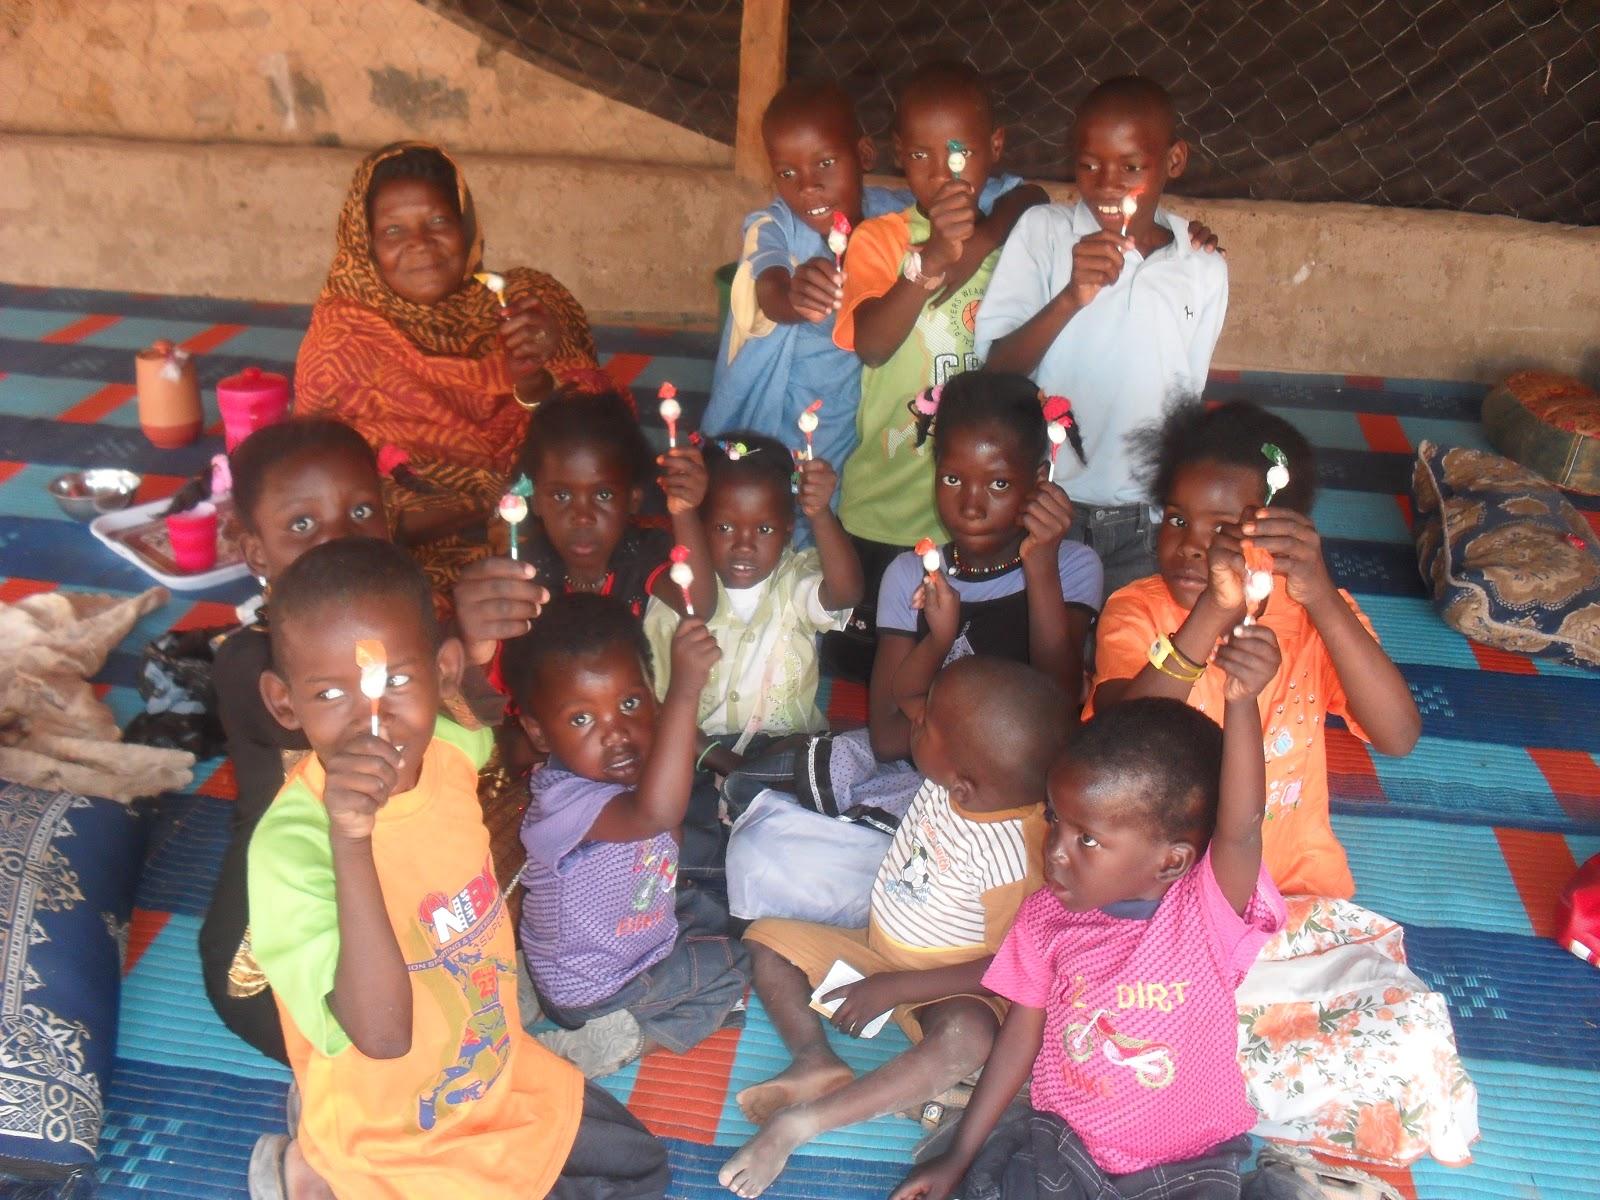 6e1fe165c المرحومة جمعه مع أطفال المدينة، مشهد سيفتقده الأطفال هذا العيد.